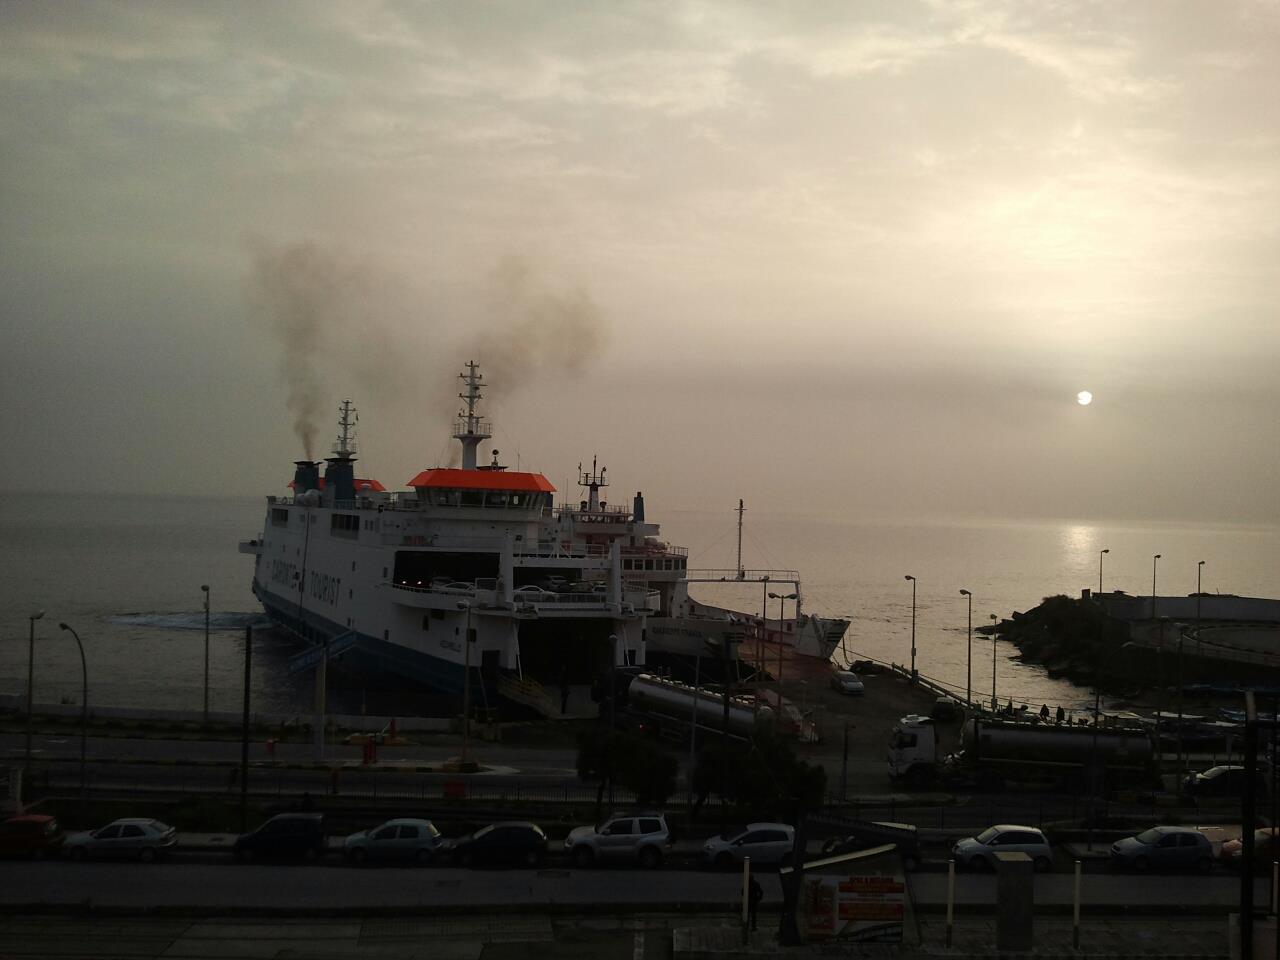 Nebbia nello Stretto oggi, situazione affascinante da nord a sud della Città (foto)